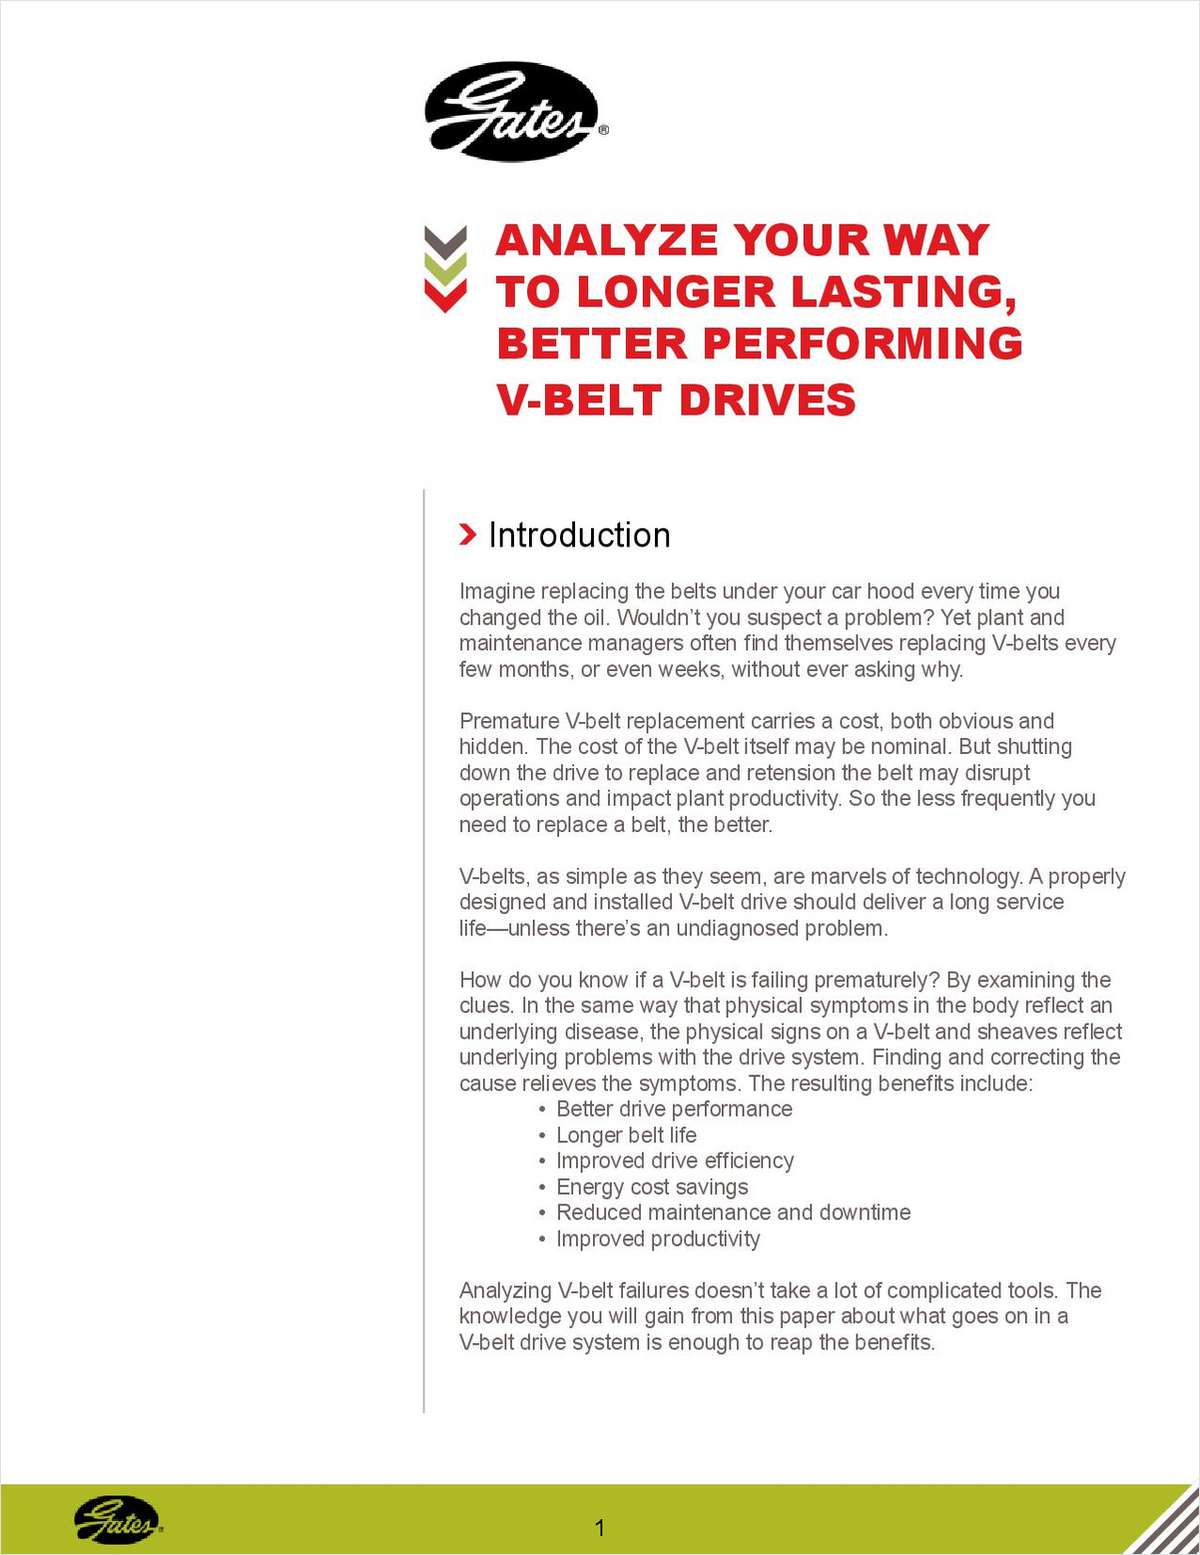 Longer Lasting, Better Performing V-Belt Drives